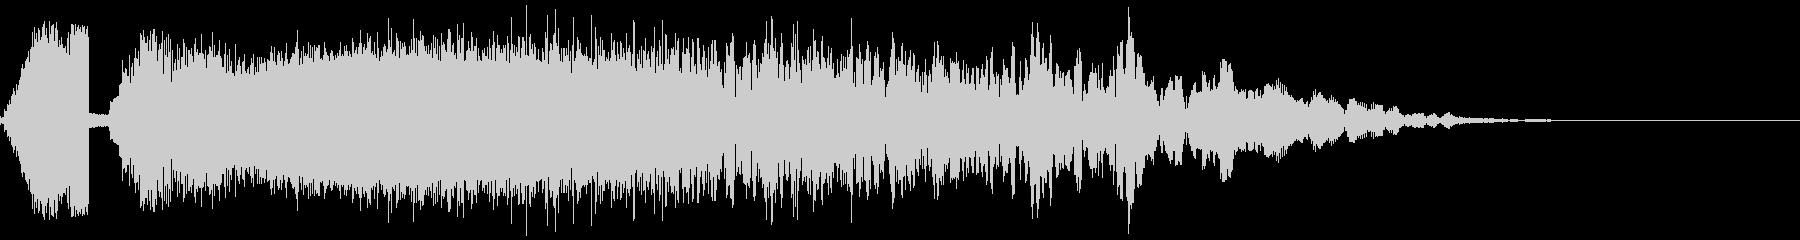 FMラジオジングルキットSWEEPERの未再生の波形